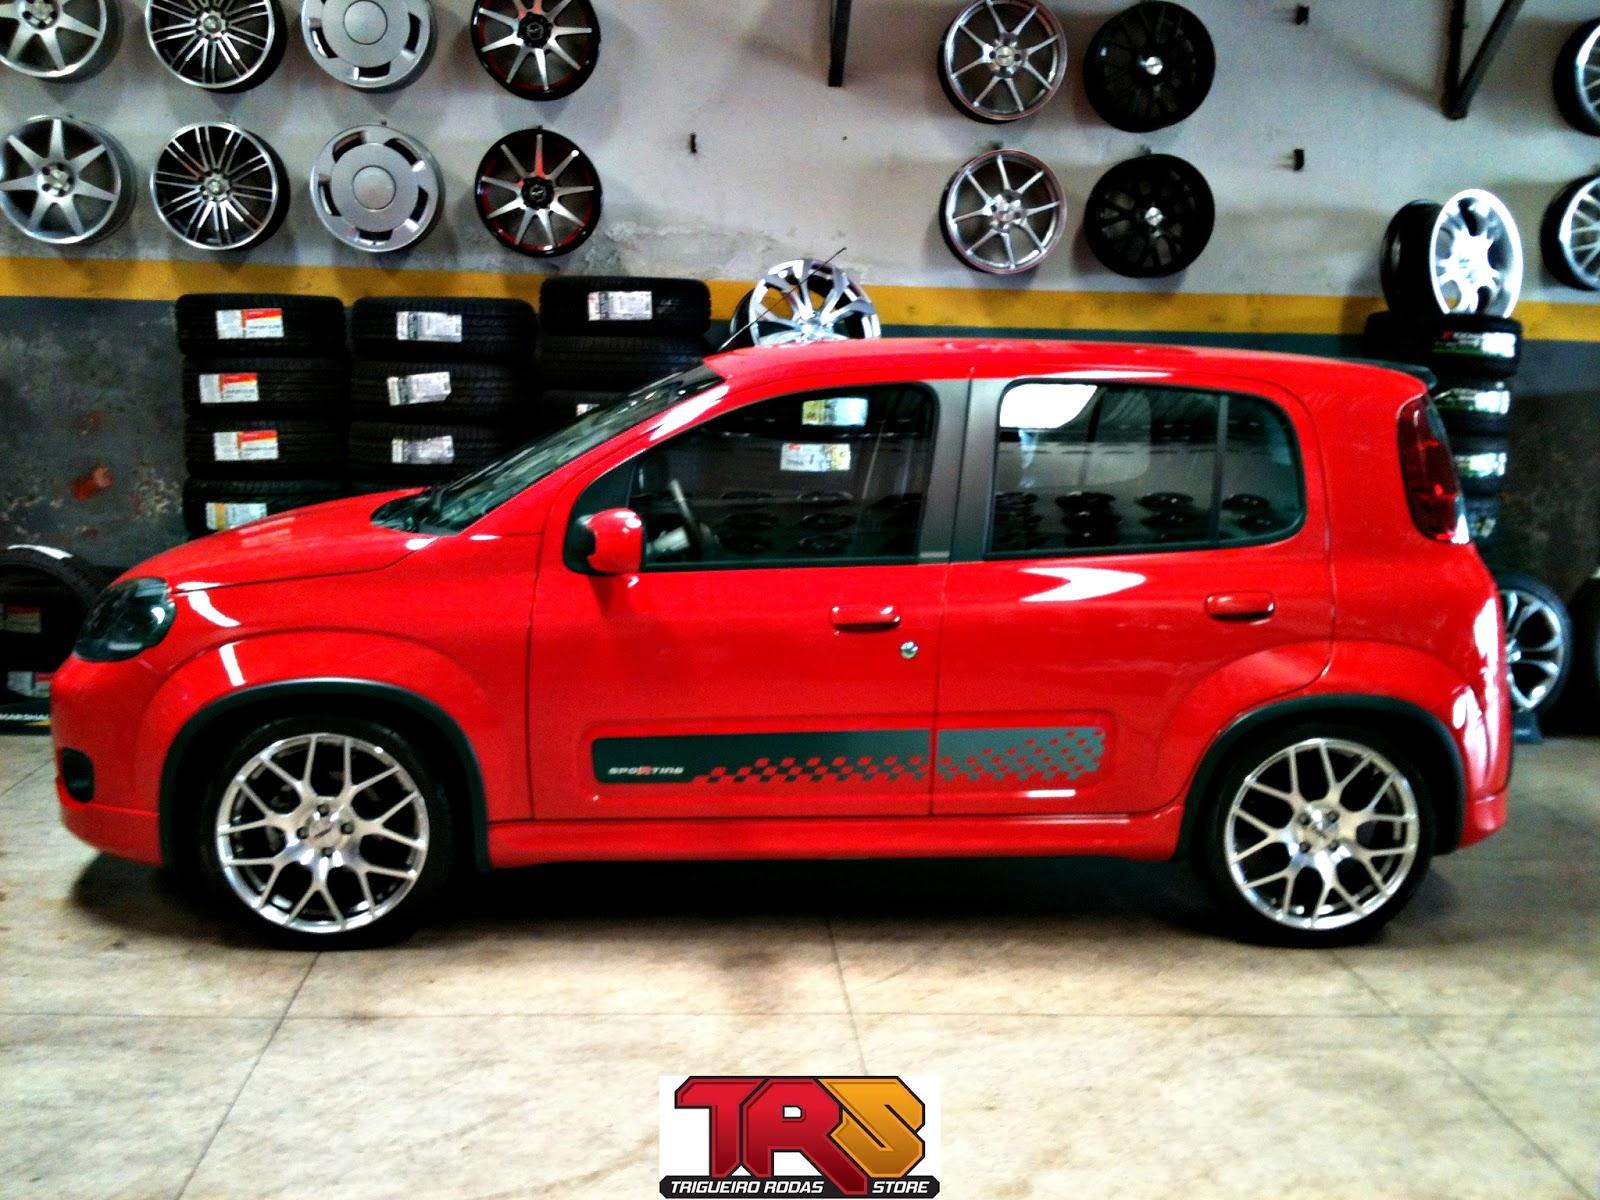 Trigueiro Rodas Store Www Trigueirorodas Com Br 84